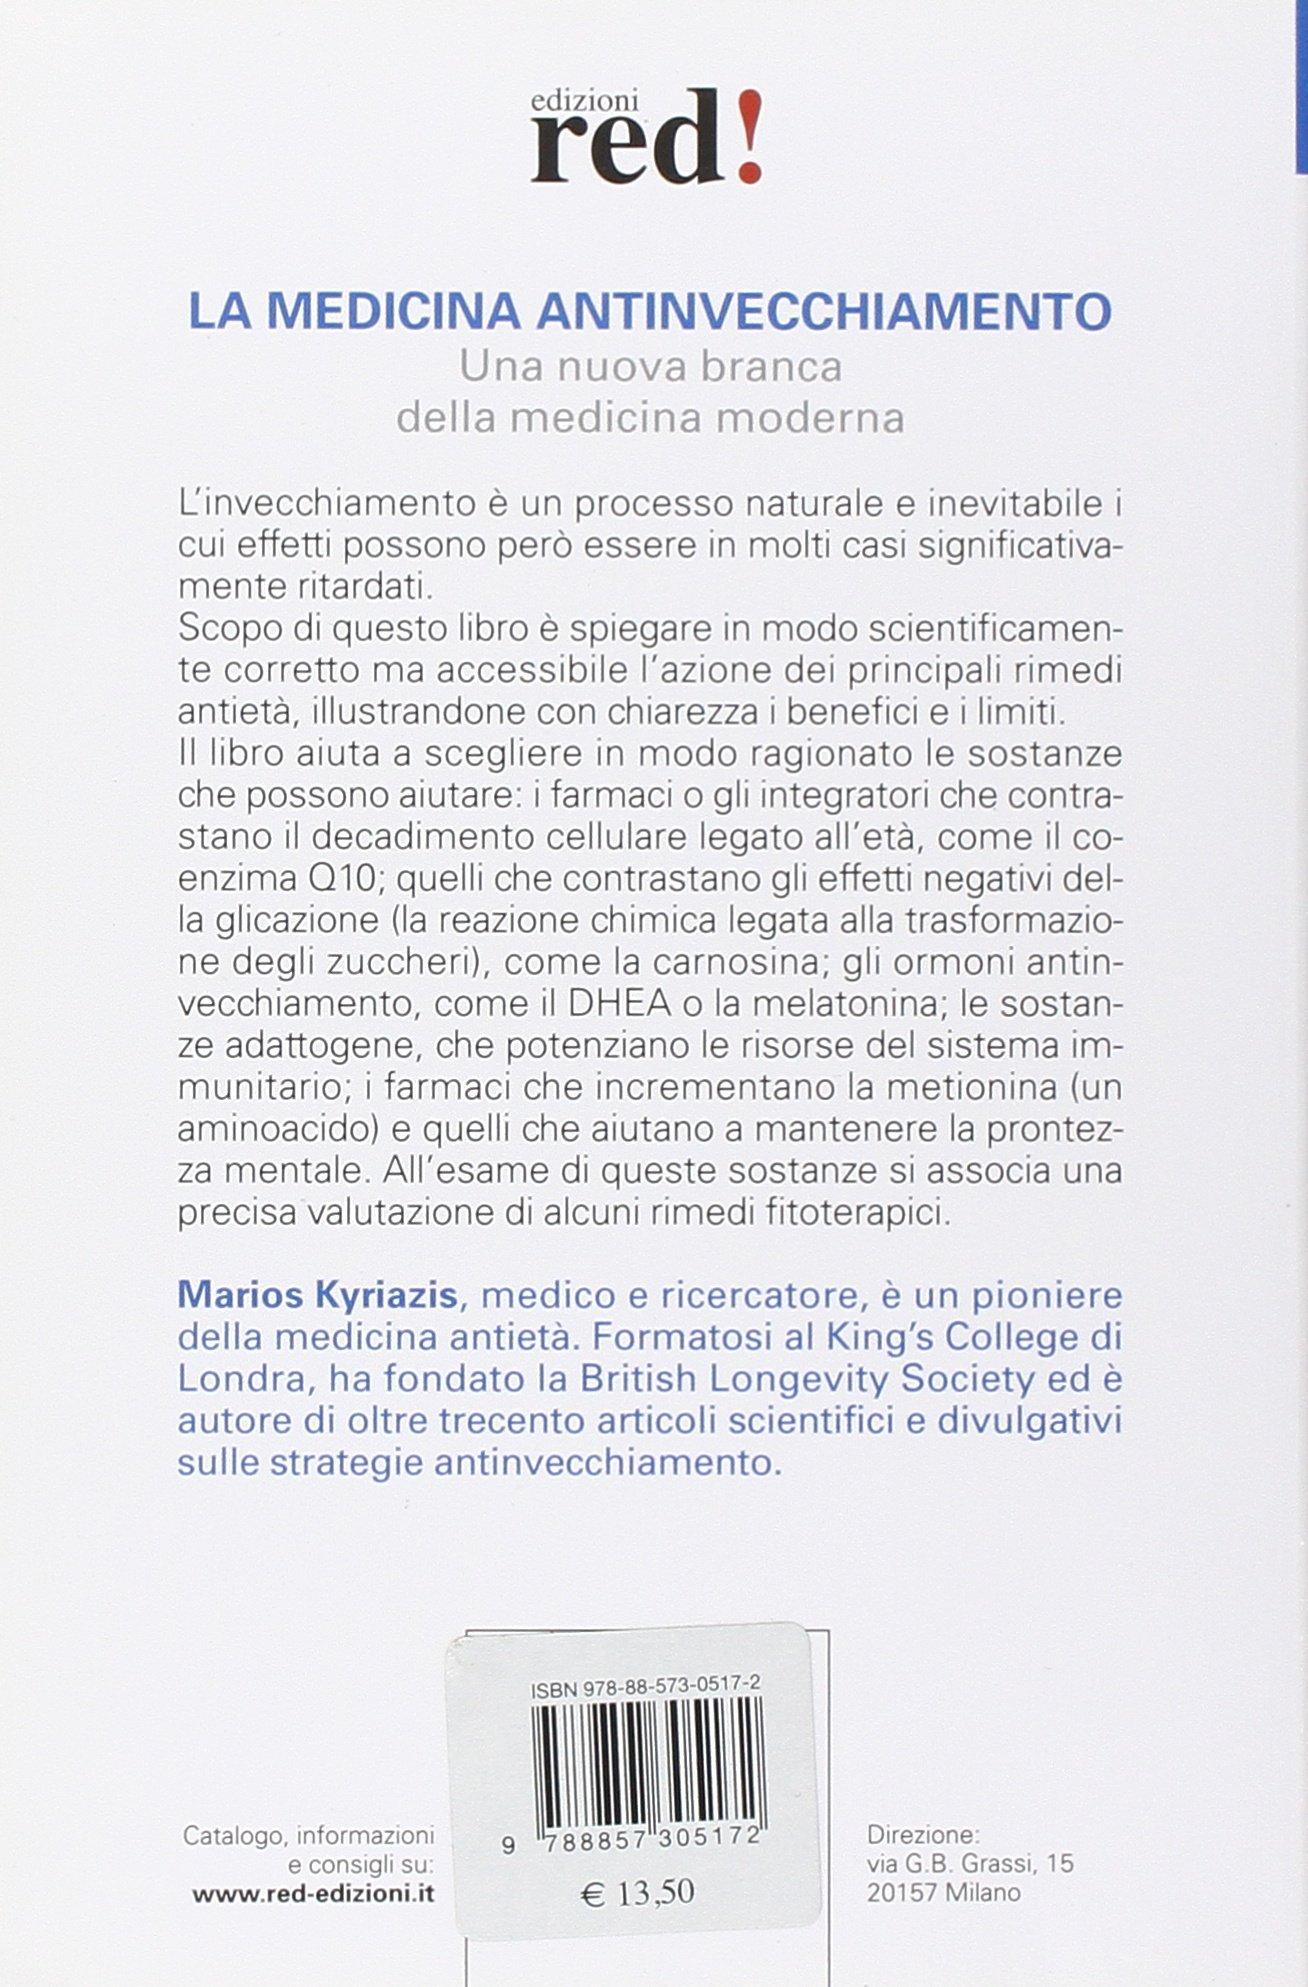 La medicina antinvecchiamento (Laltra medicina): Amazon.es: Marios Kyriazis: Libros en idiomas extranjeros